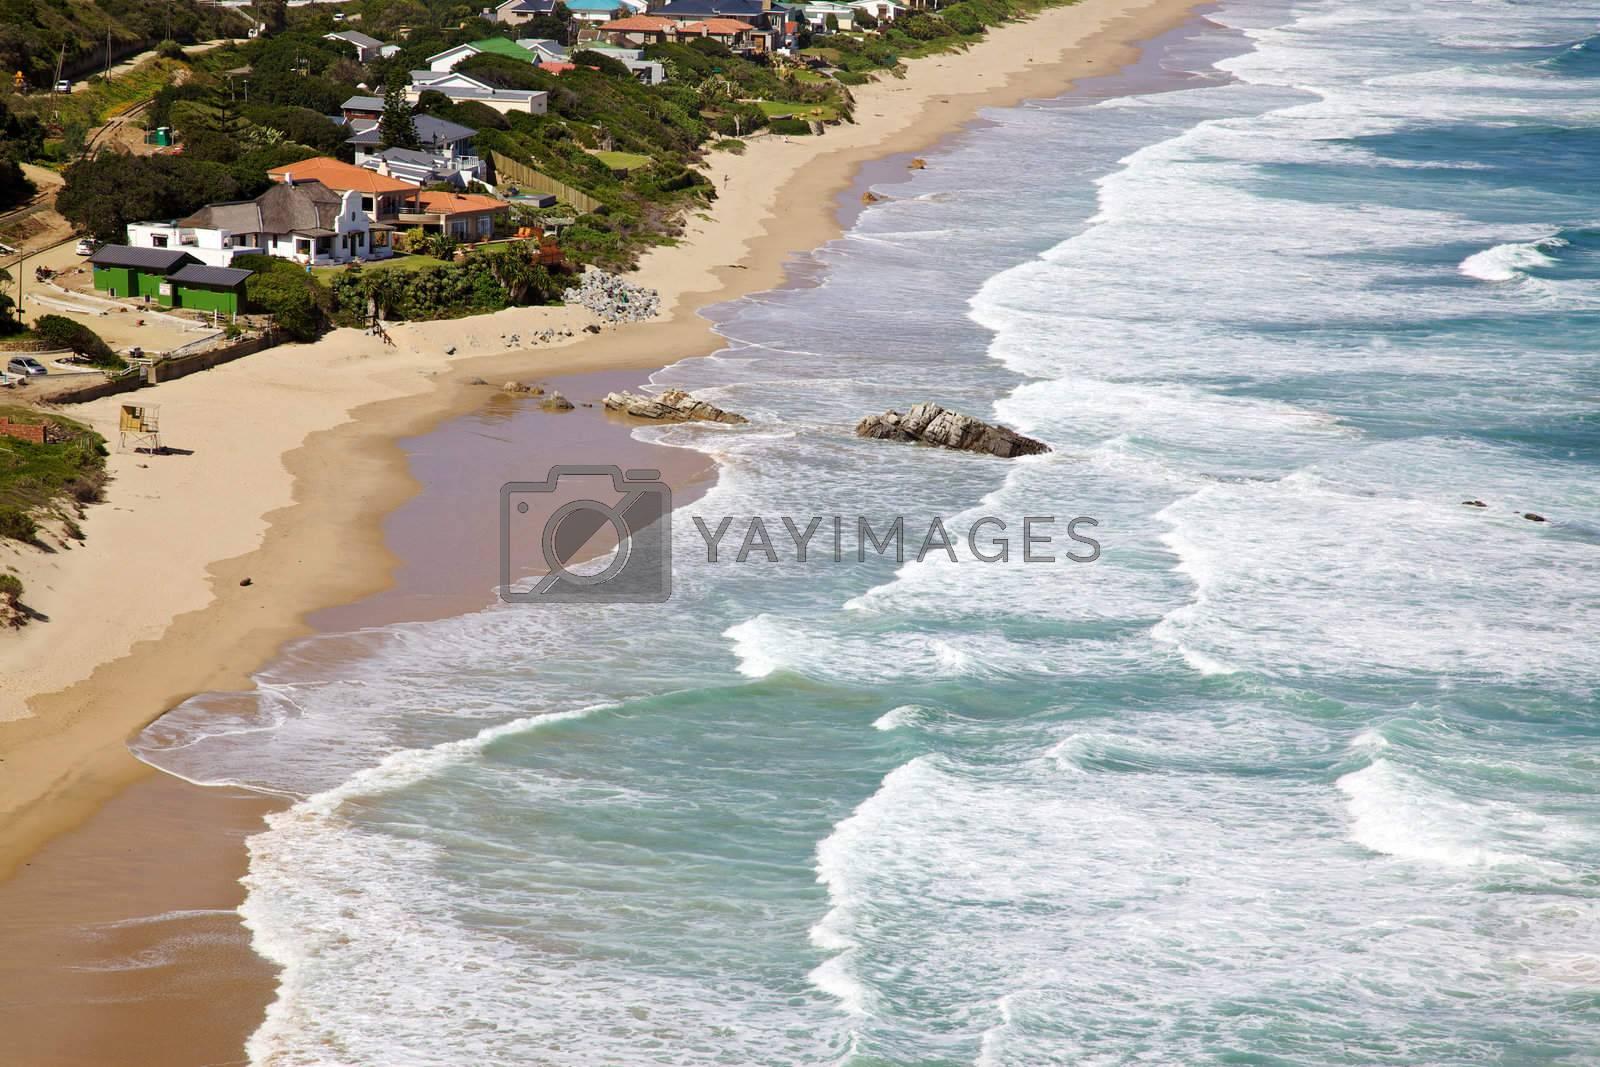 Royalty free image of Wilderness Beach by zambezi